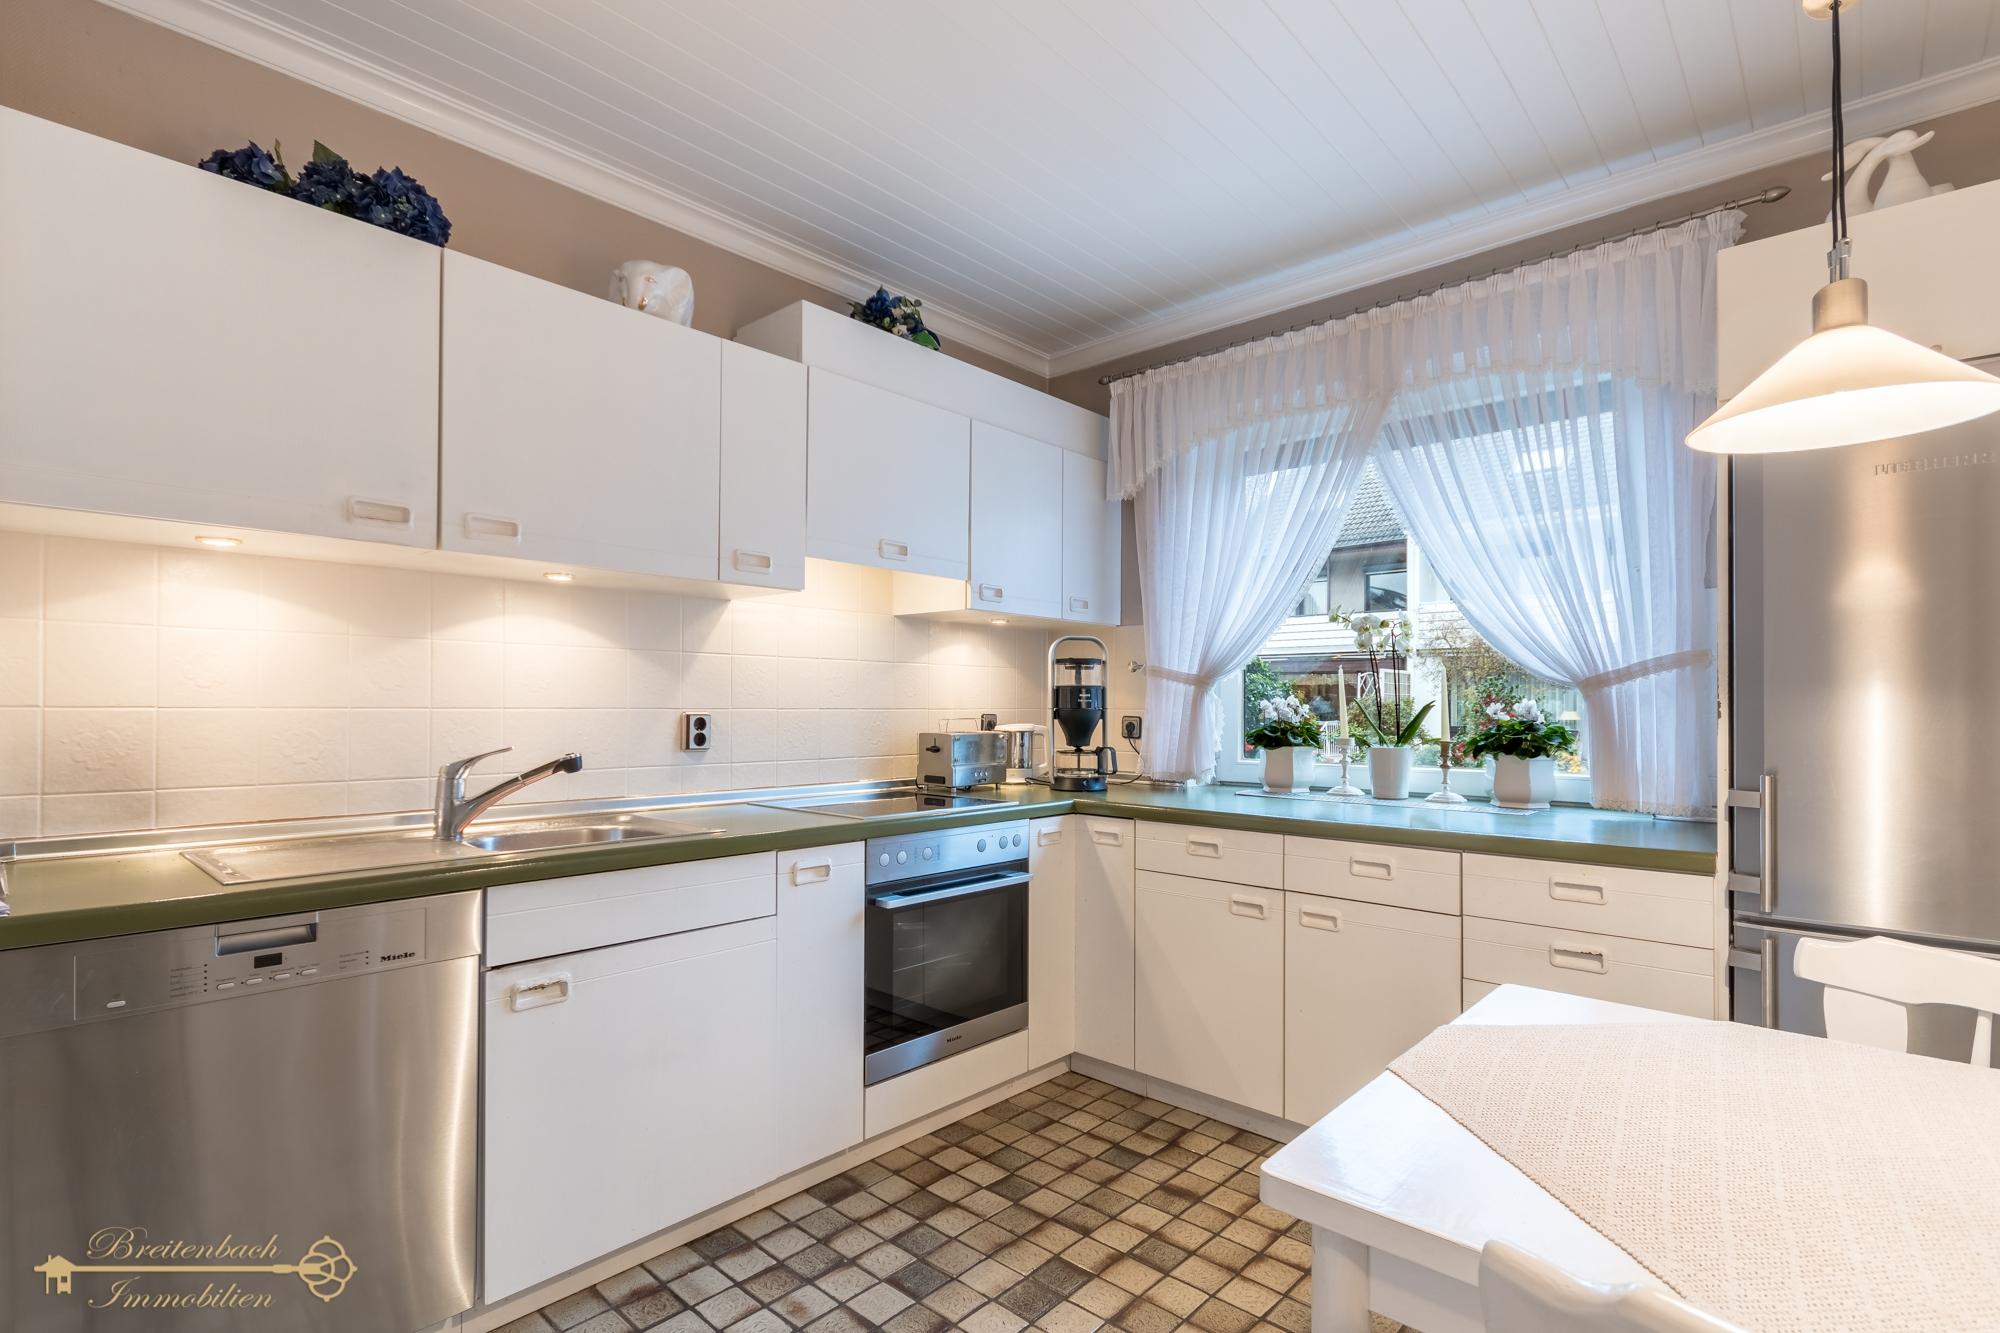 2020-11-21-Breitenbach-Immobilien-7